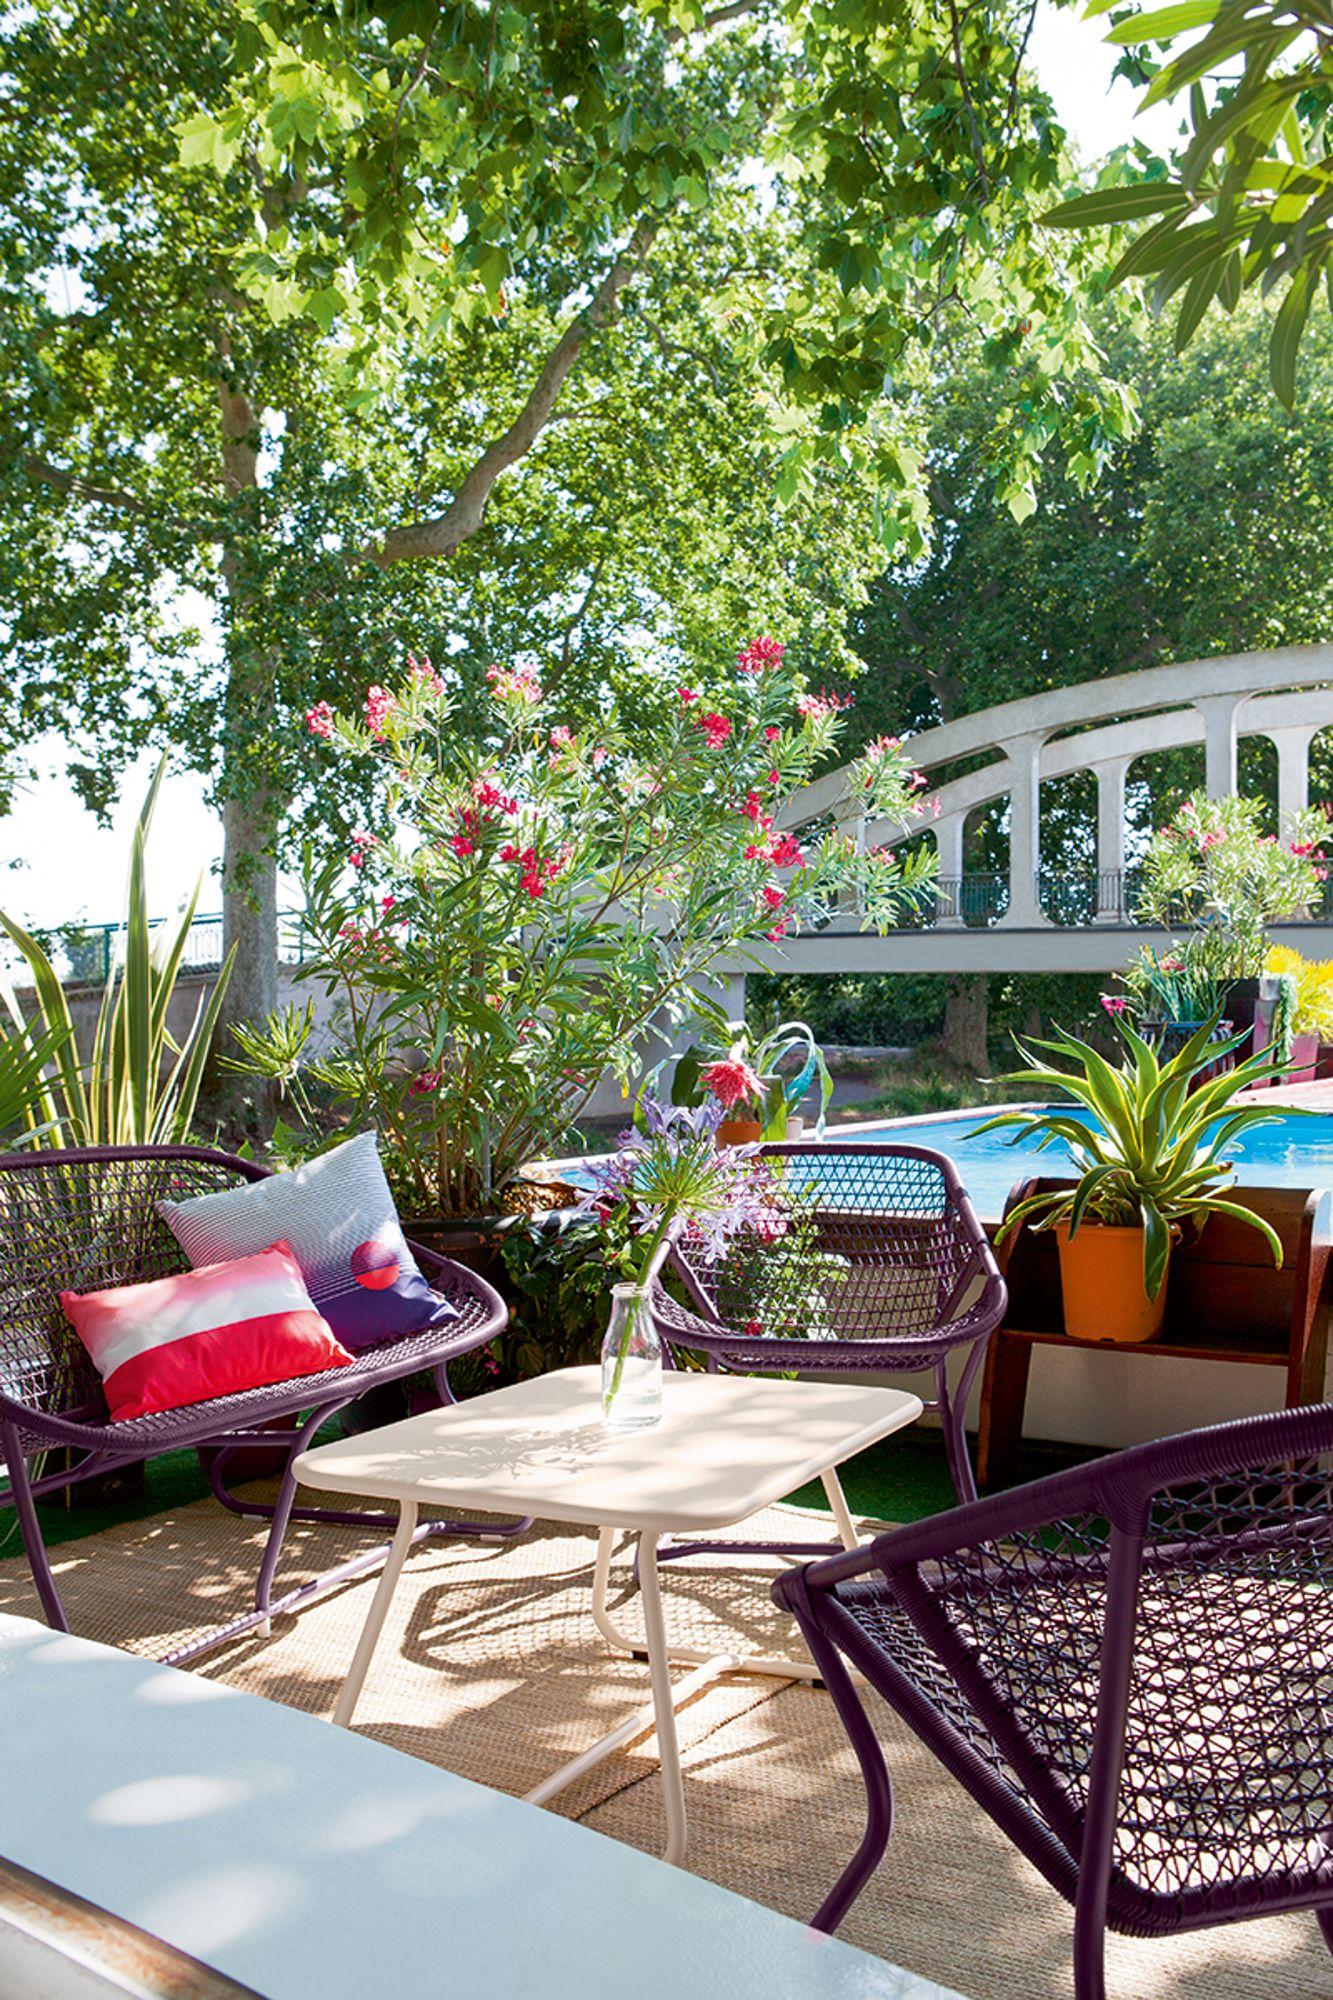 Bacsac Toutes les collections pot jardin balcon terasse